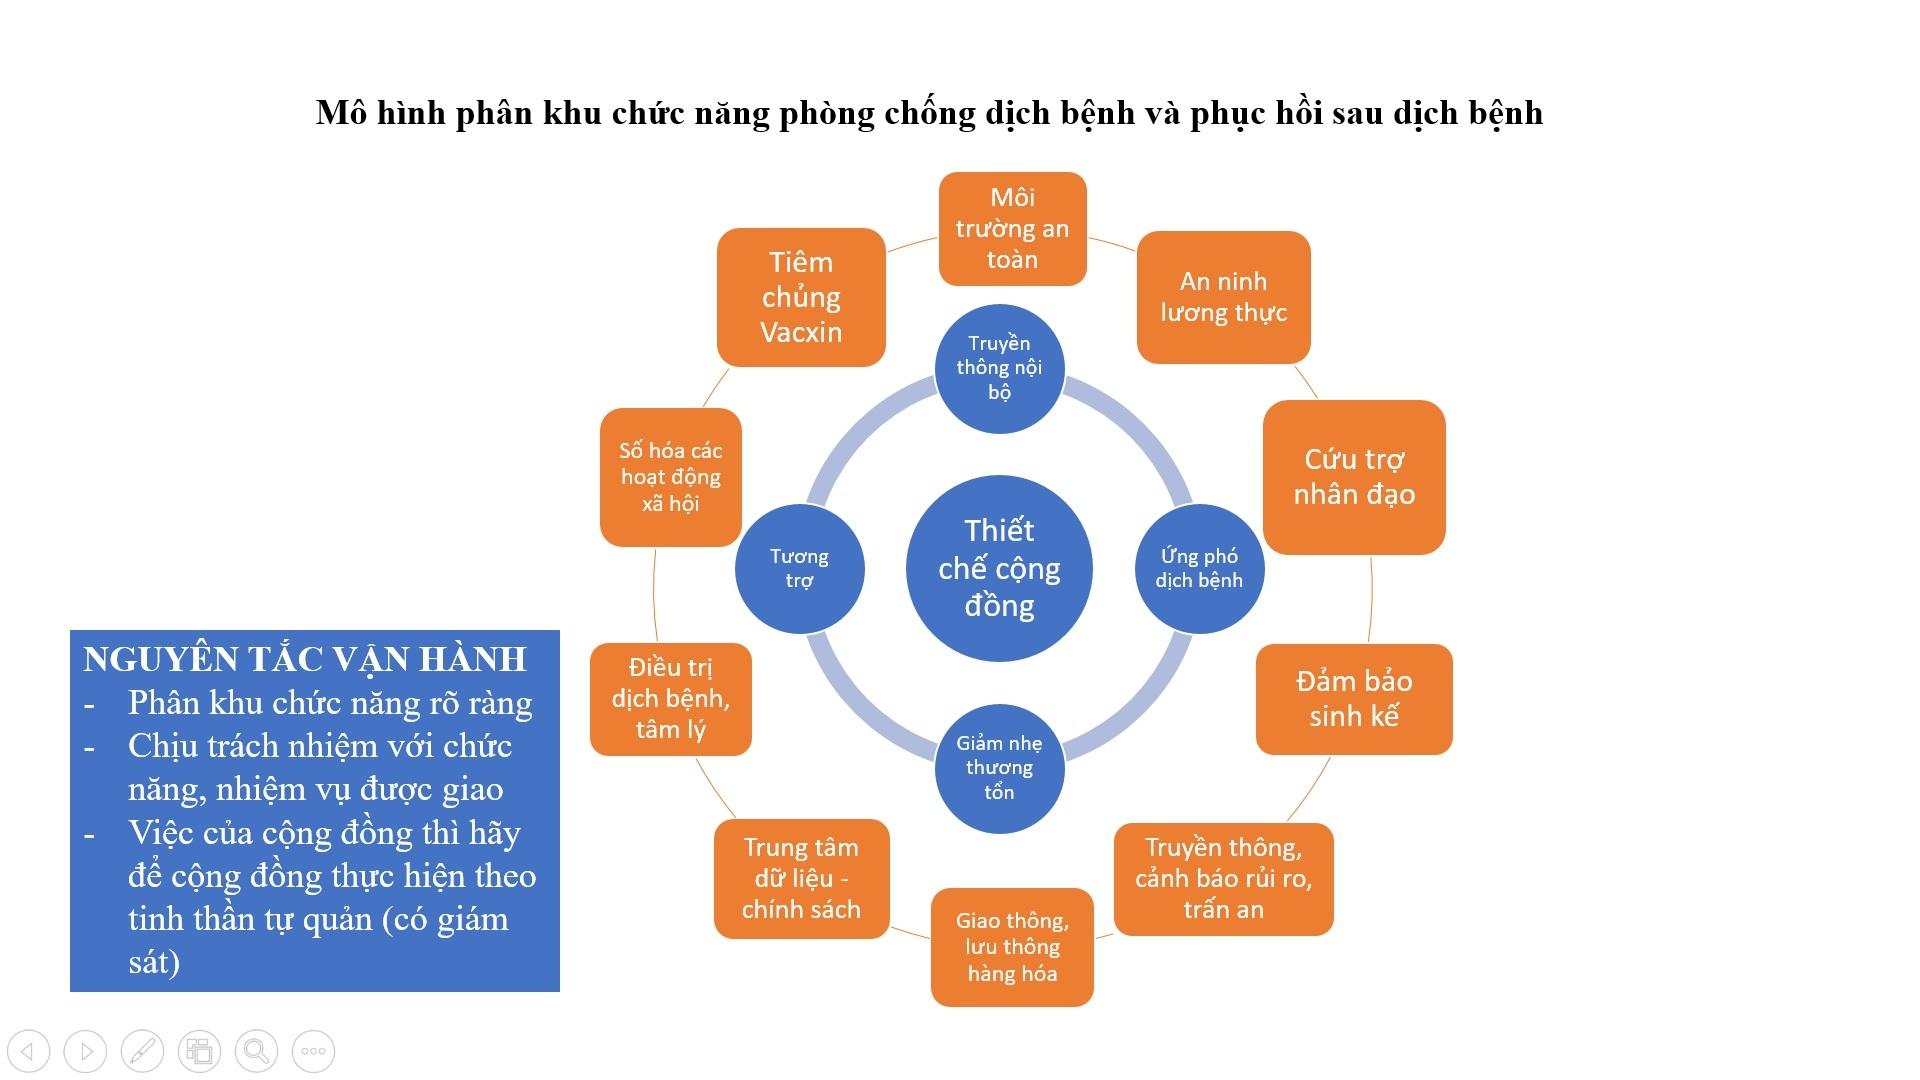 TS Nguyễn Đức Lộc: Mỗi khu phố, phường xã là một cộng đồng nhỏ chống dịch